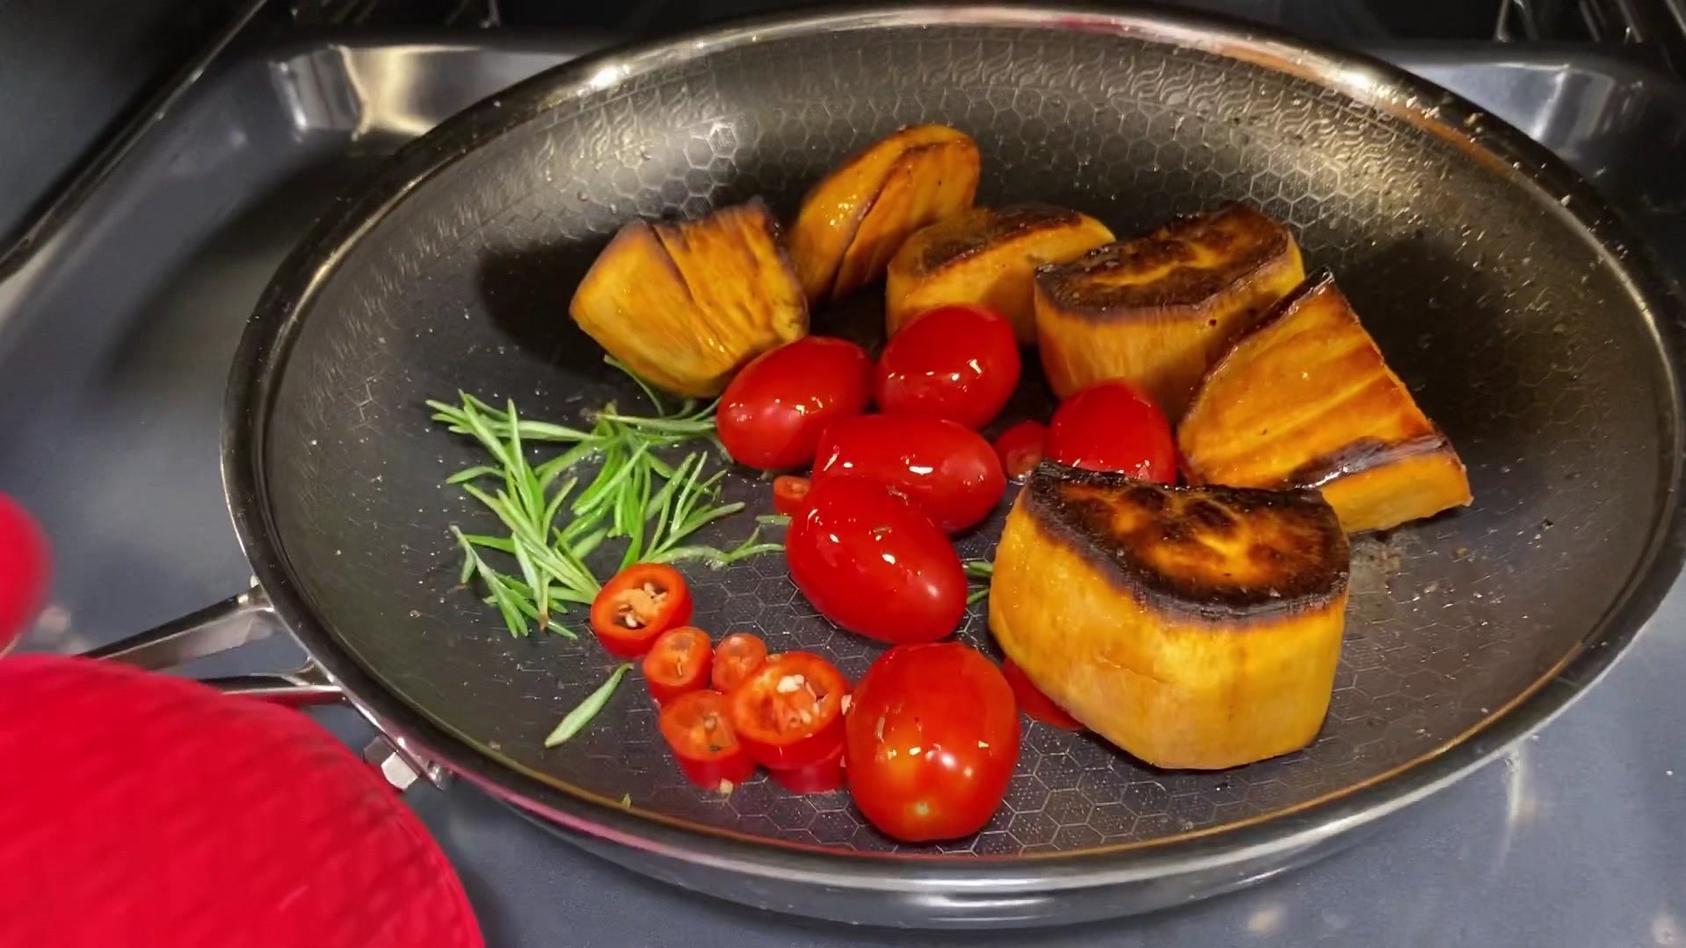 hensslers-schnelle-nummer-gebratene-sukartoffeln-aus-dem-ofen